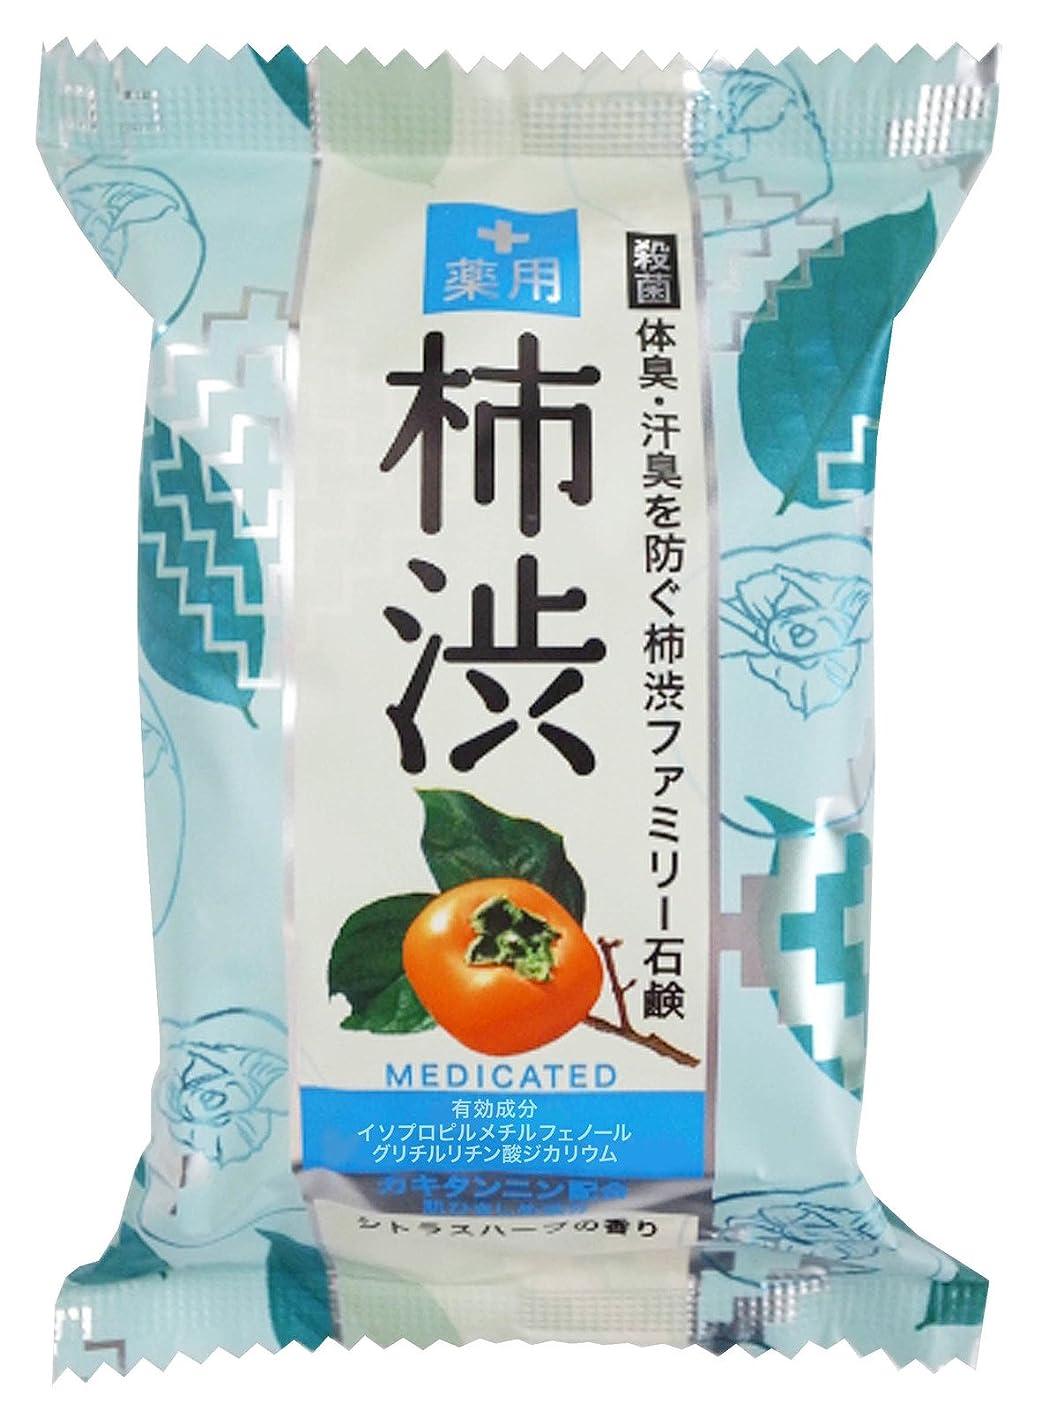 教育者貝殻赤道ペリカン石鹸 薬用ファミリー柿渋石鹸